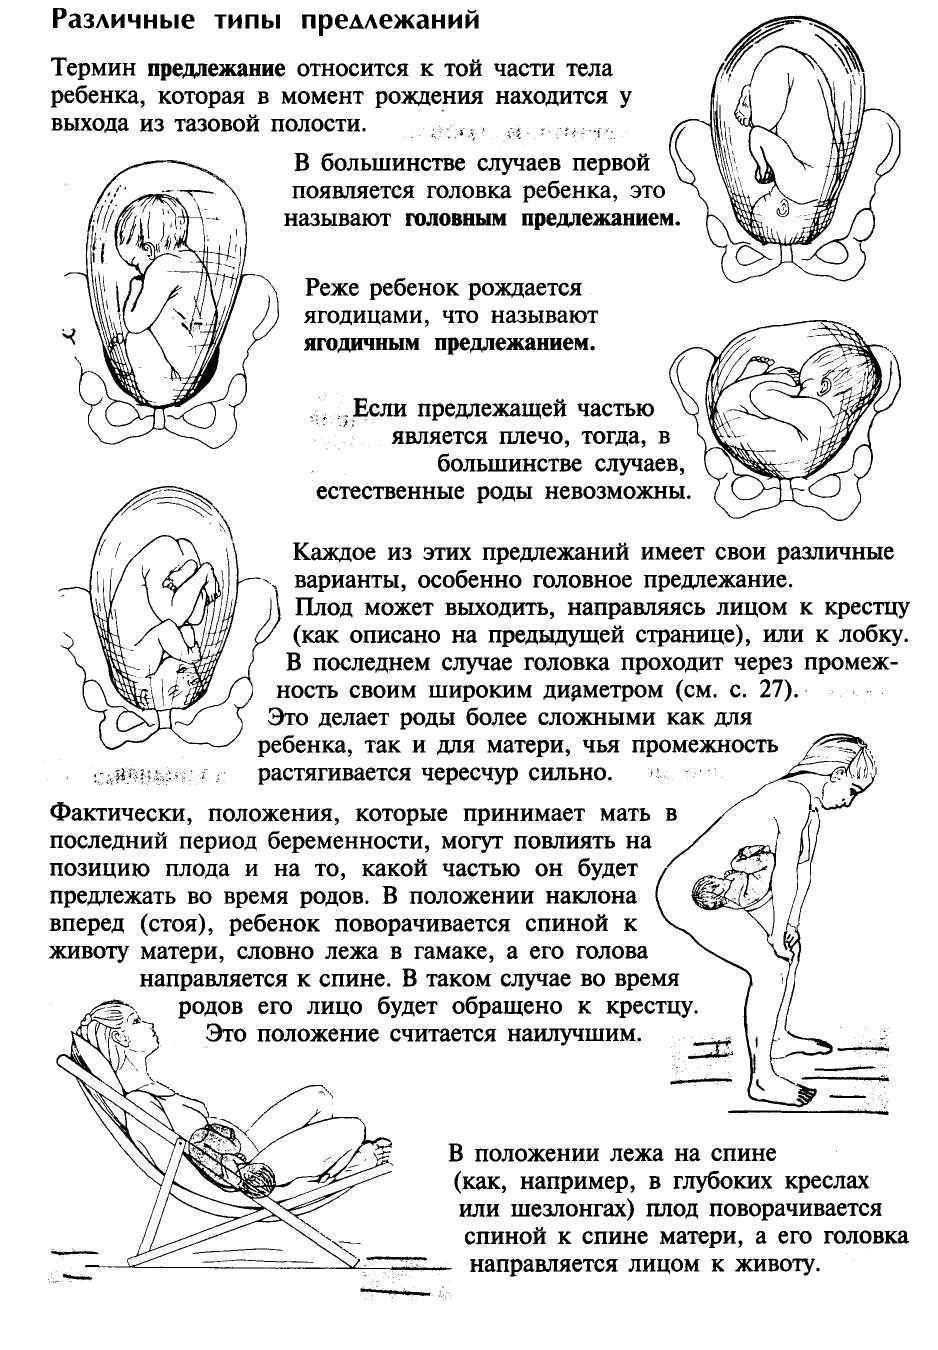 Упражнения, чтобы ребенок перевернулся головой вниз: что делать, гимнастика, как помочь ребенку, когда должен перевернуться